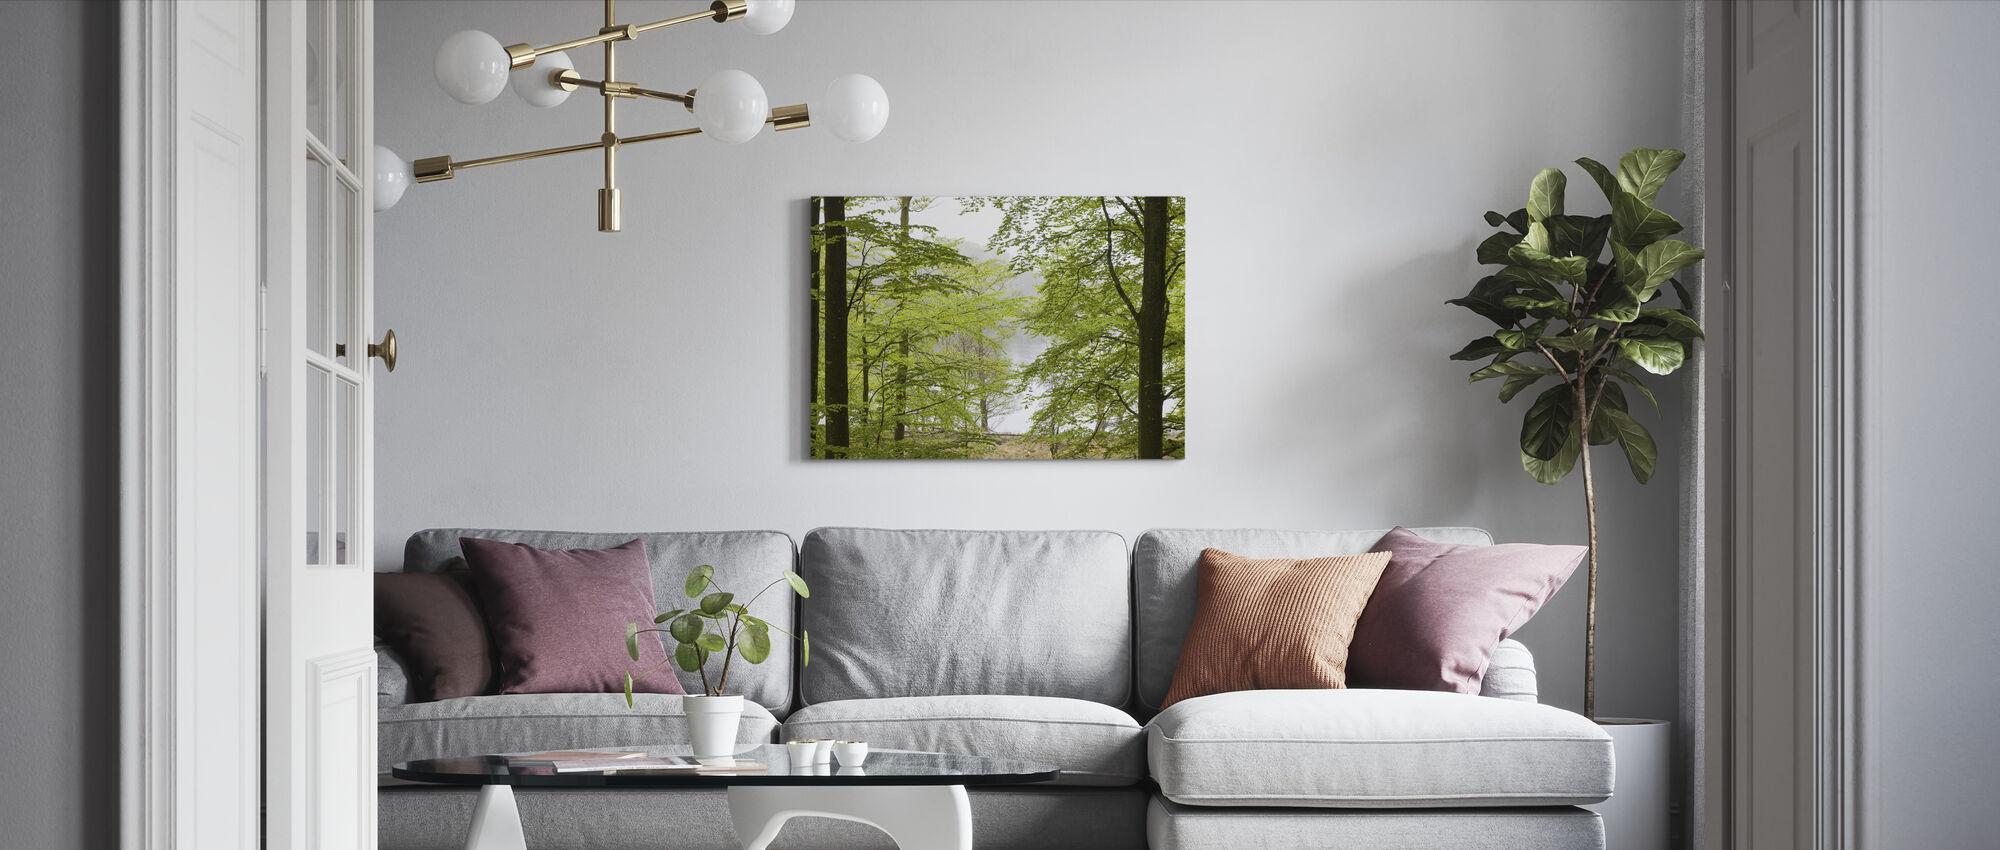 Pyökki metsä vedessä - Canvastaulu - Olohuone